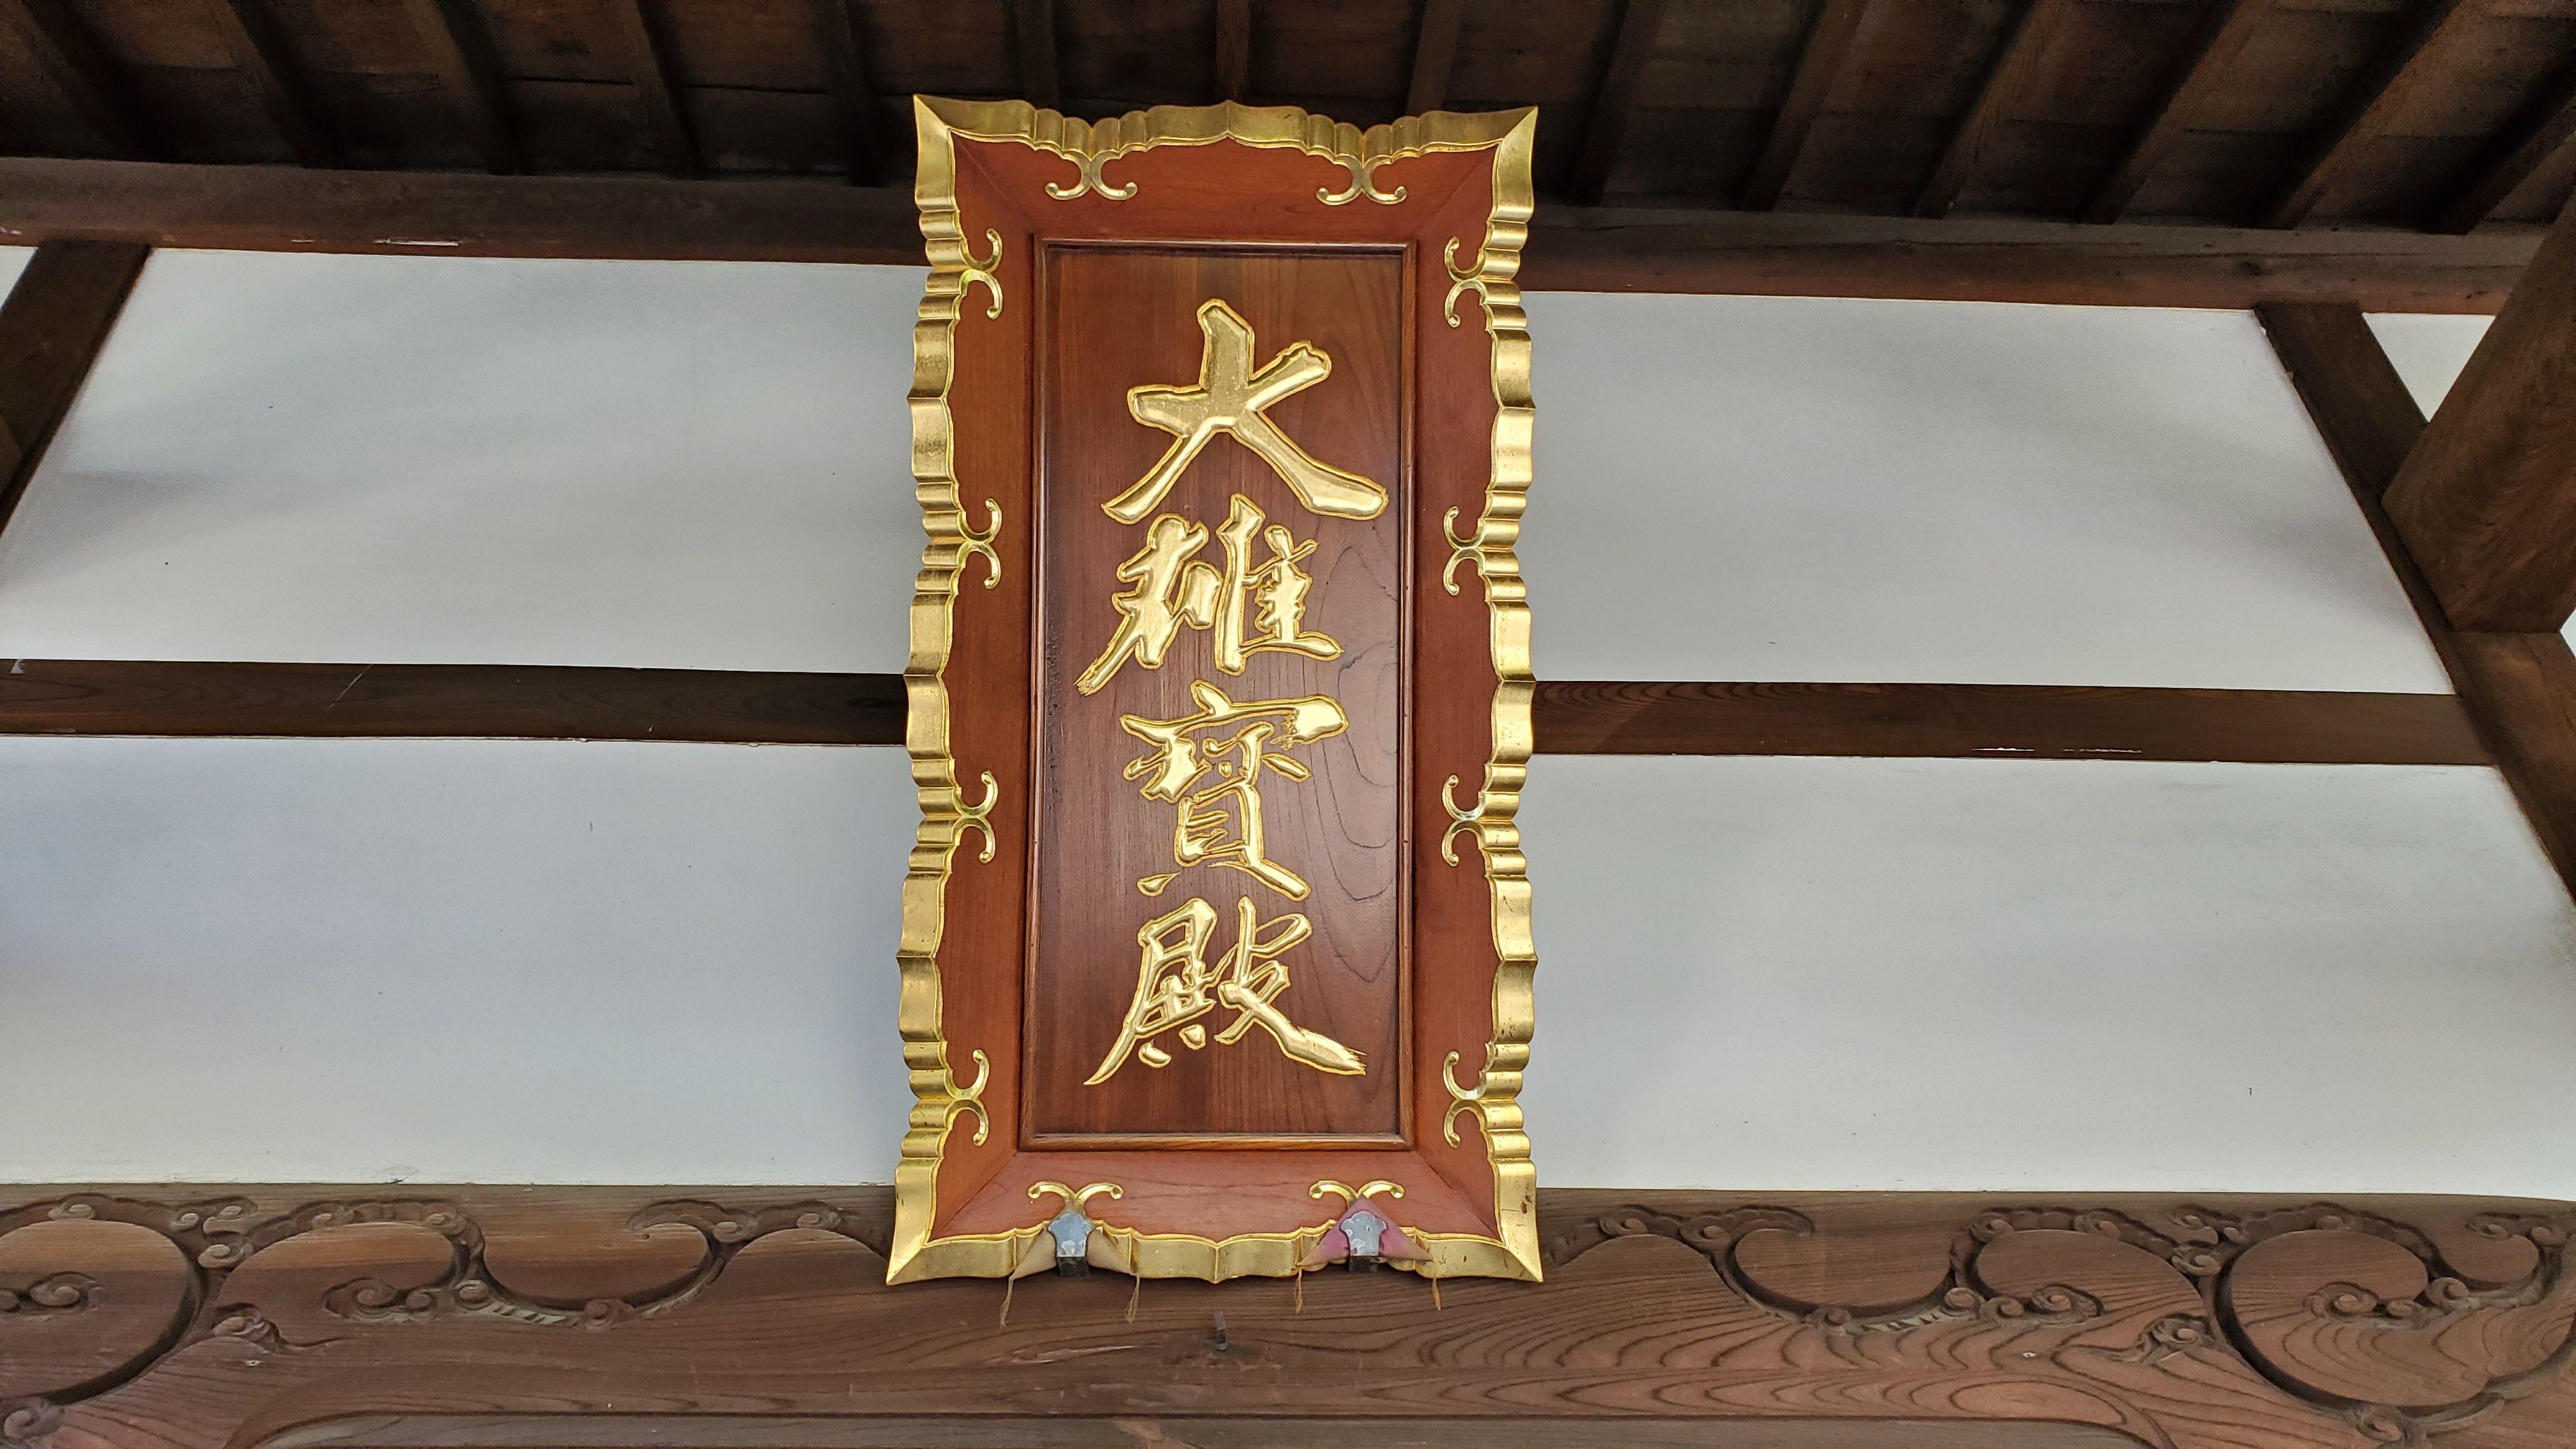 養玉院如来寺・荏原七福神(前編) | 気まぐれなページ - 楽天ブログ